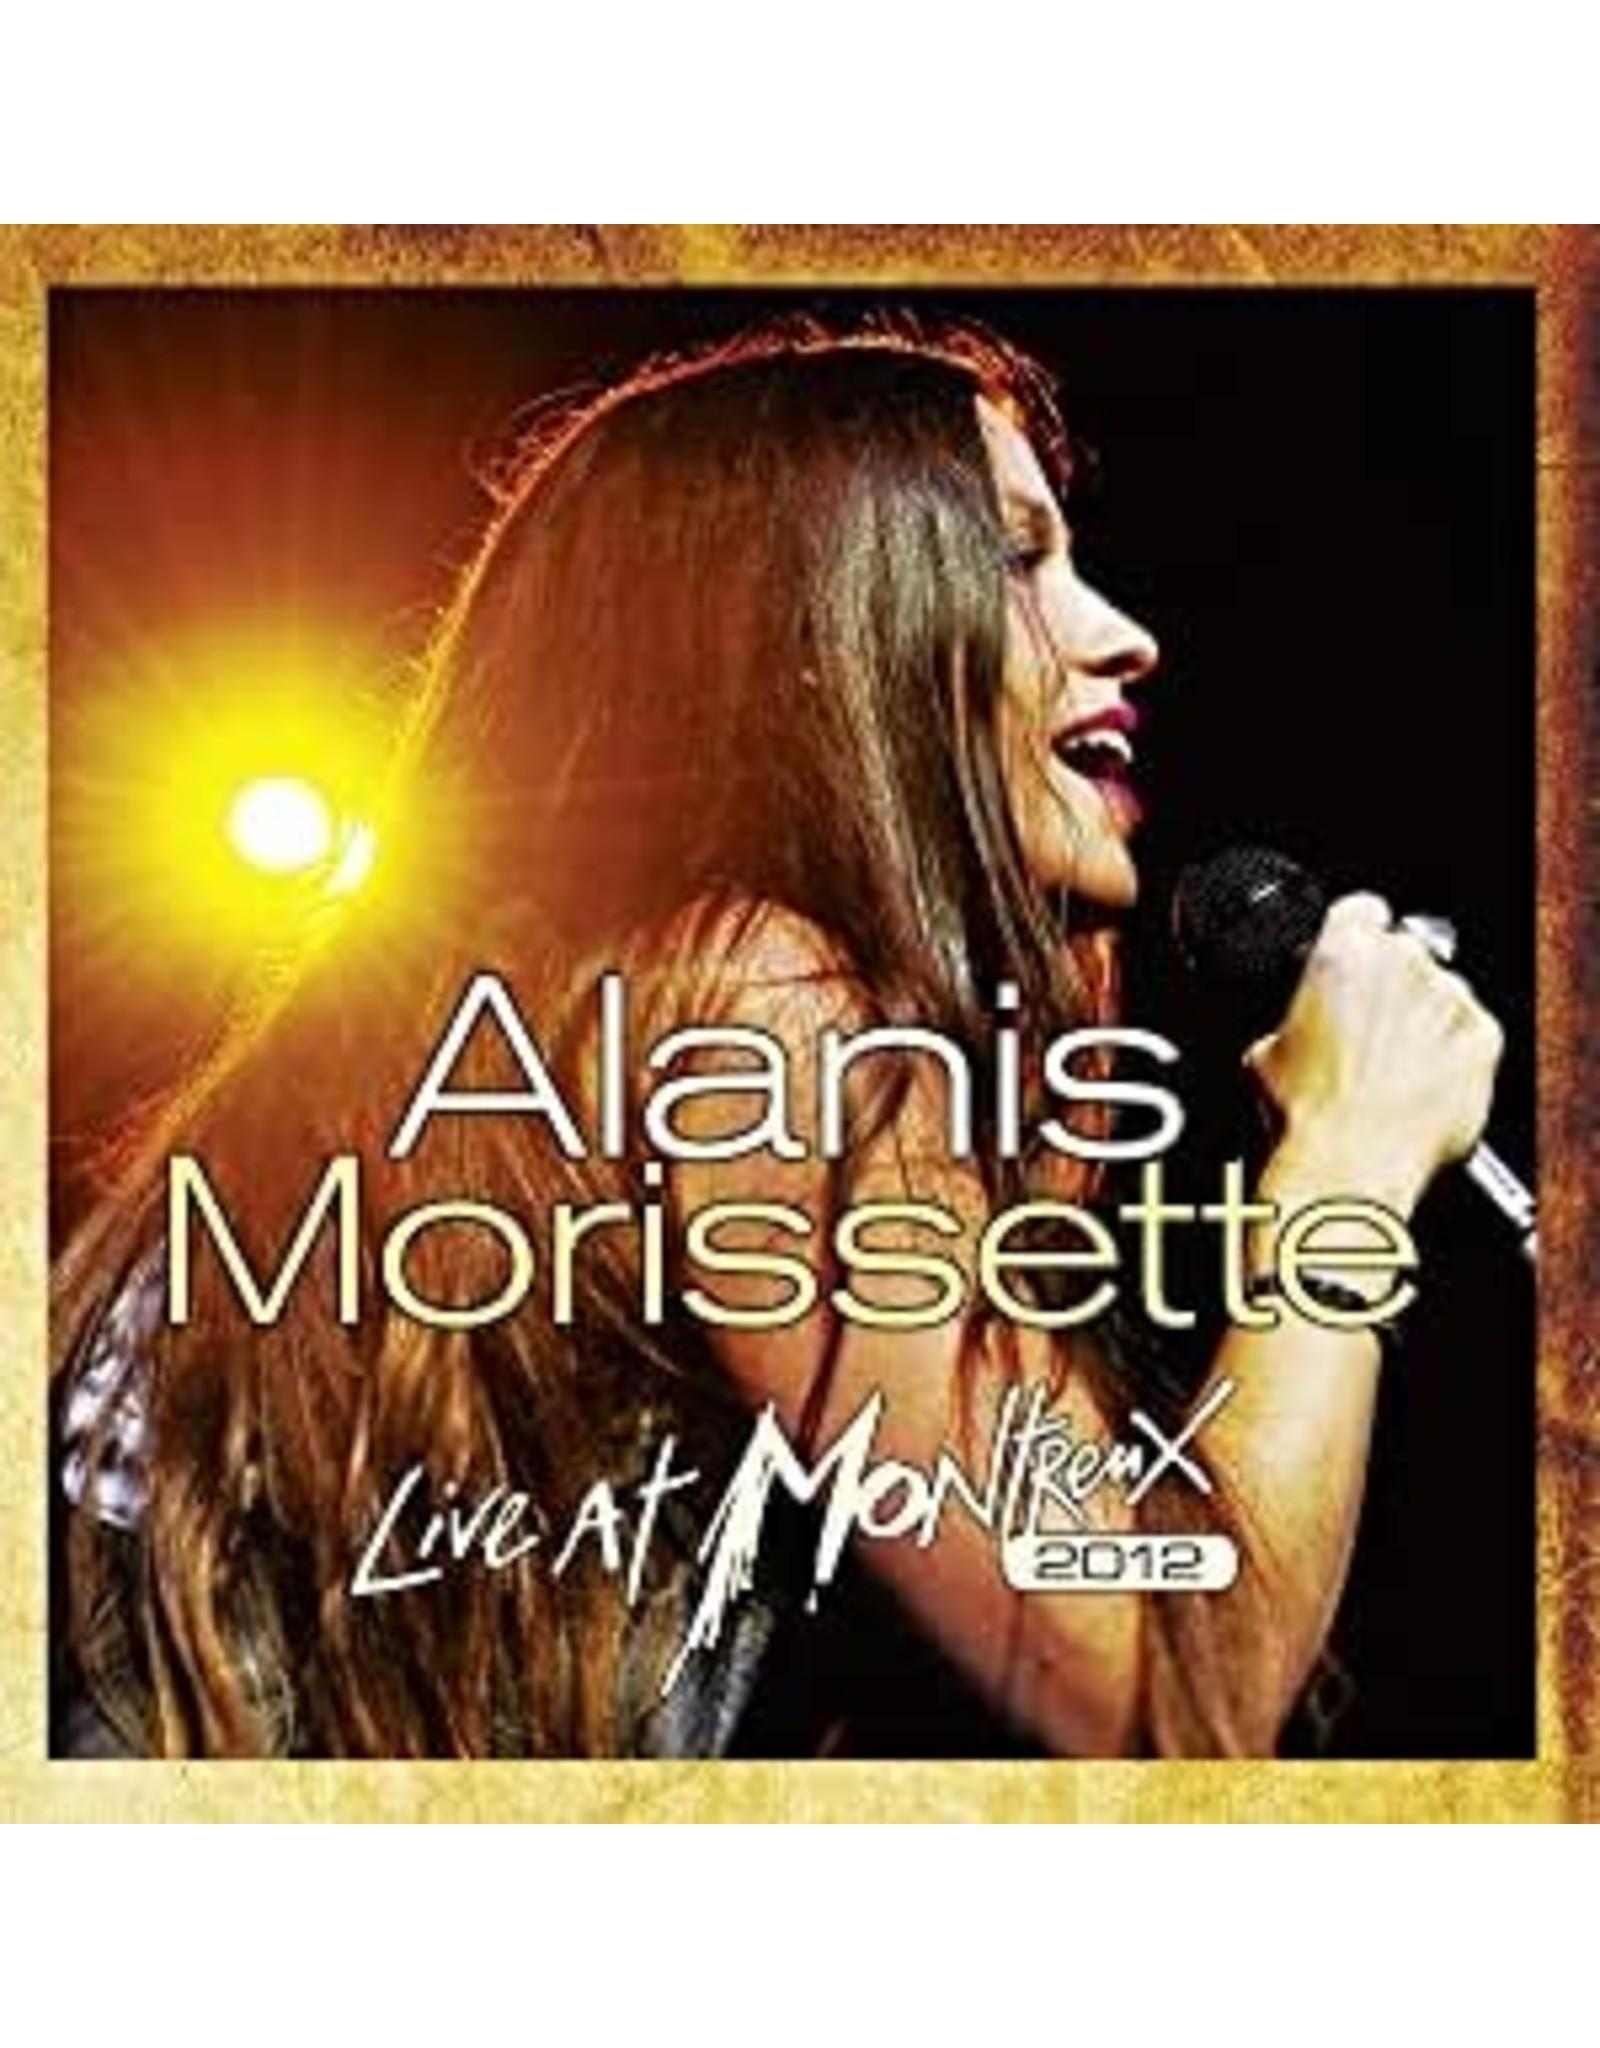 Morissette, Alanis - Live At Montreux 2012 2LP